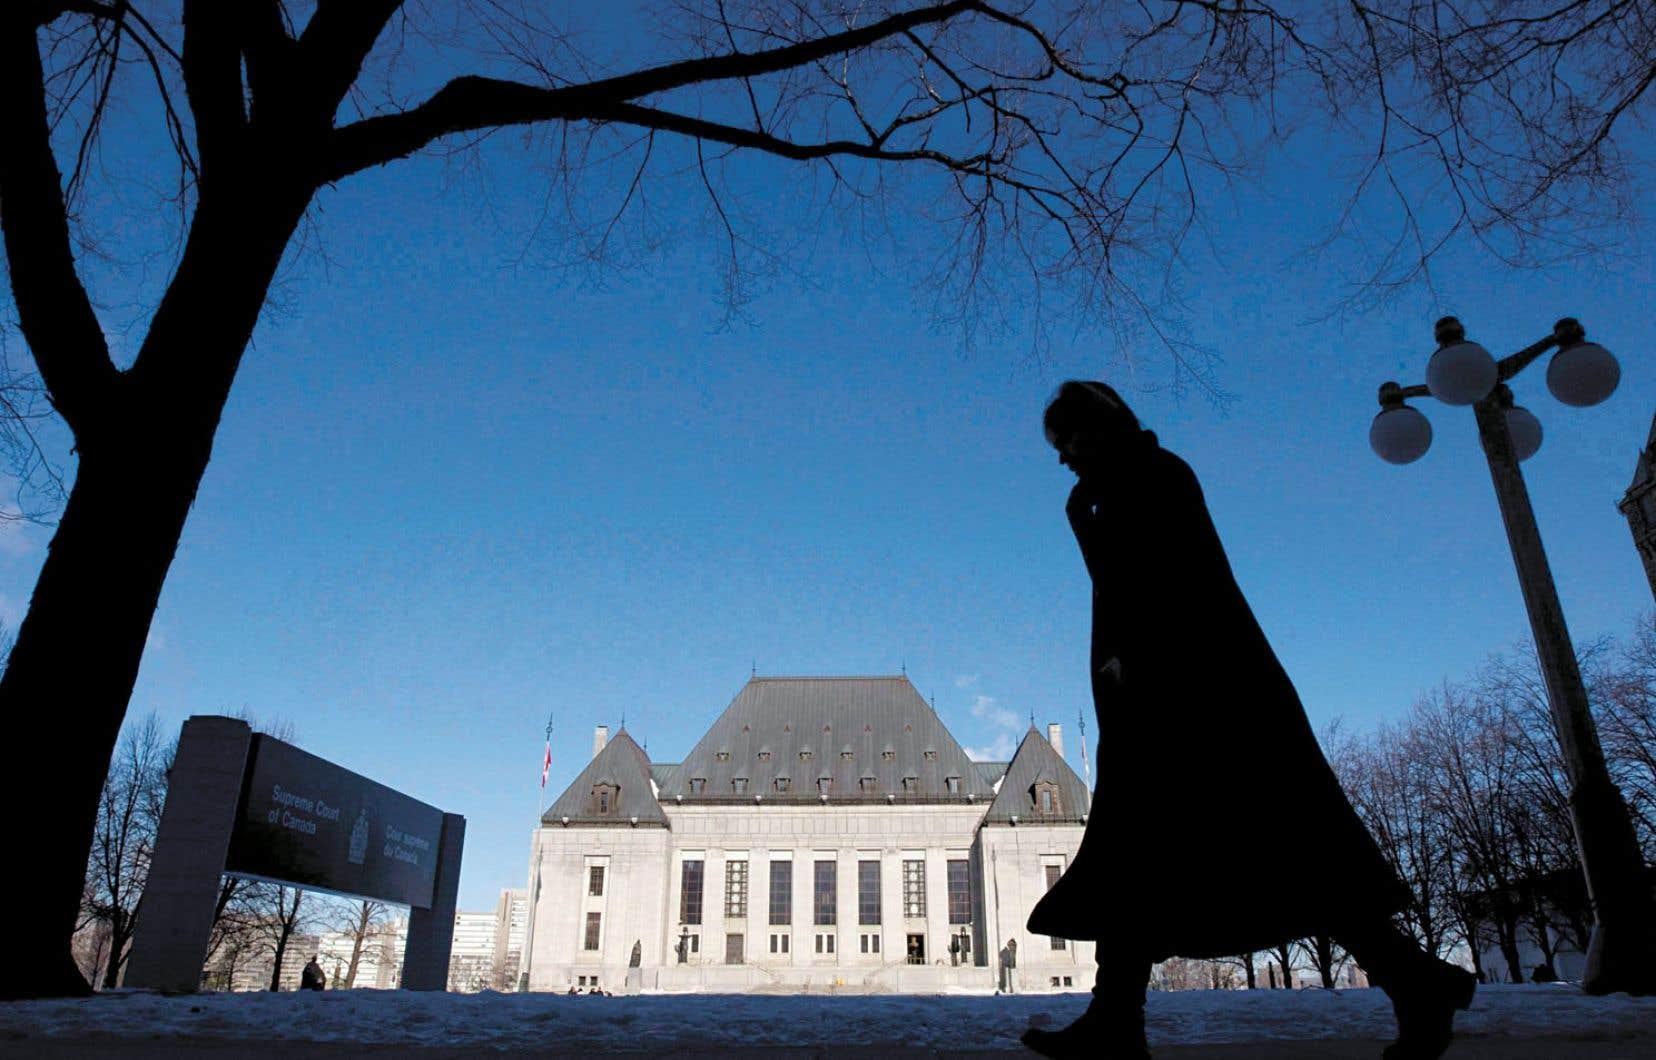 La Cour suprême du Canada va « examiner » les allégations visant l'ancien juge en chef Bora Laskin contenues dans un ouvrage sur le rapatriement de la Constitution de 1982.